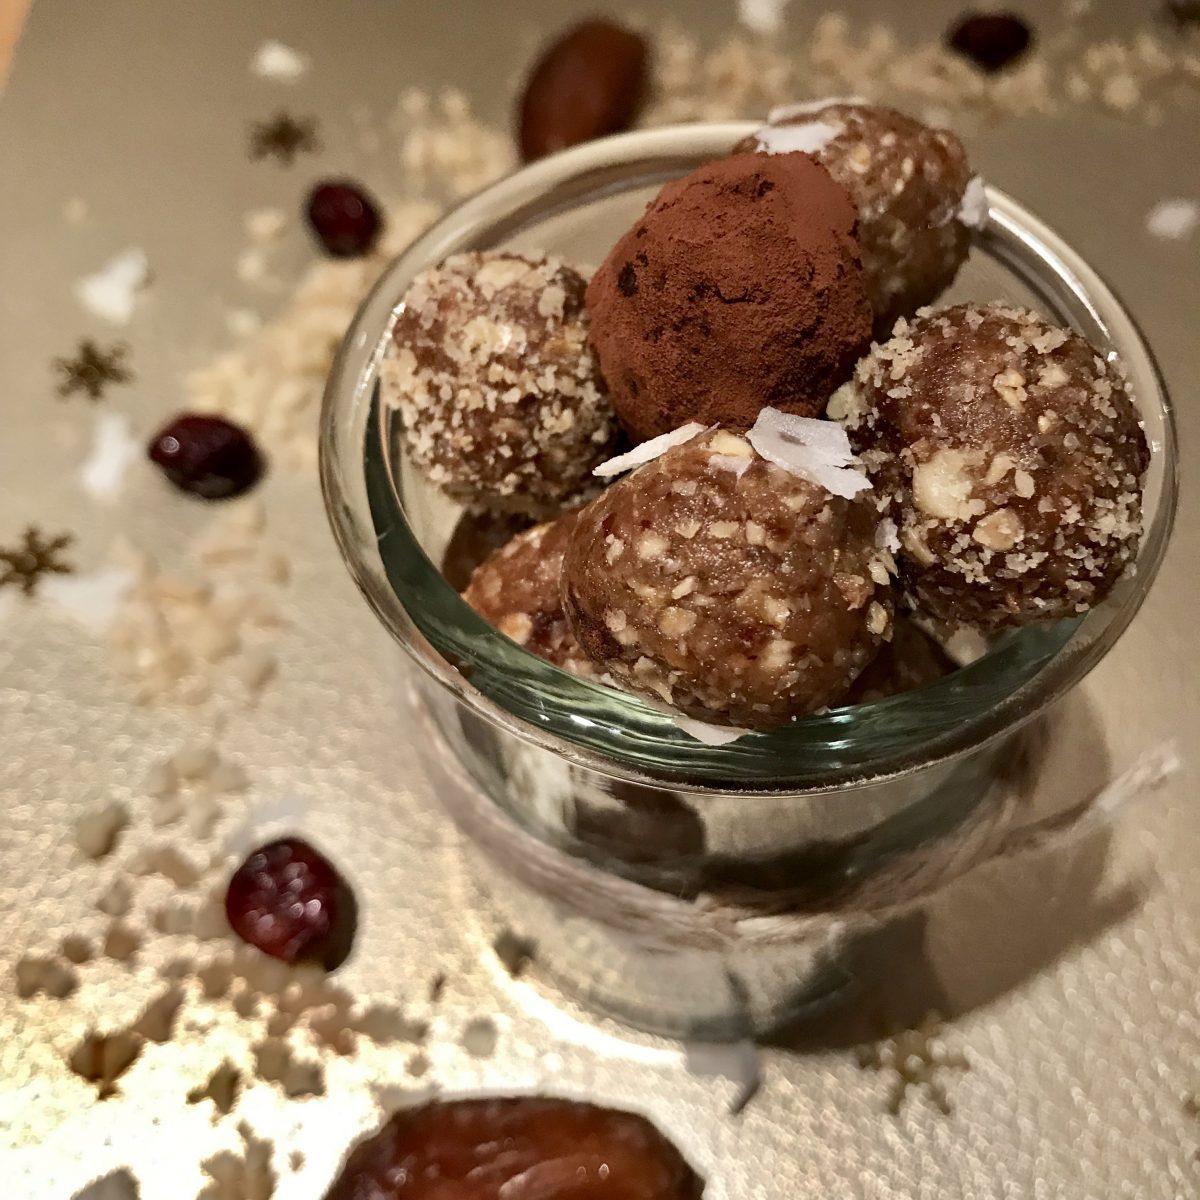 Dattelkonfekt Pralinen Rohkost vegan Datteln Nüsse Rosinen Kokos Rezept